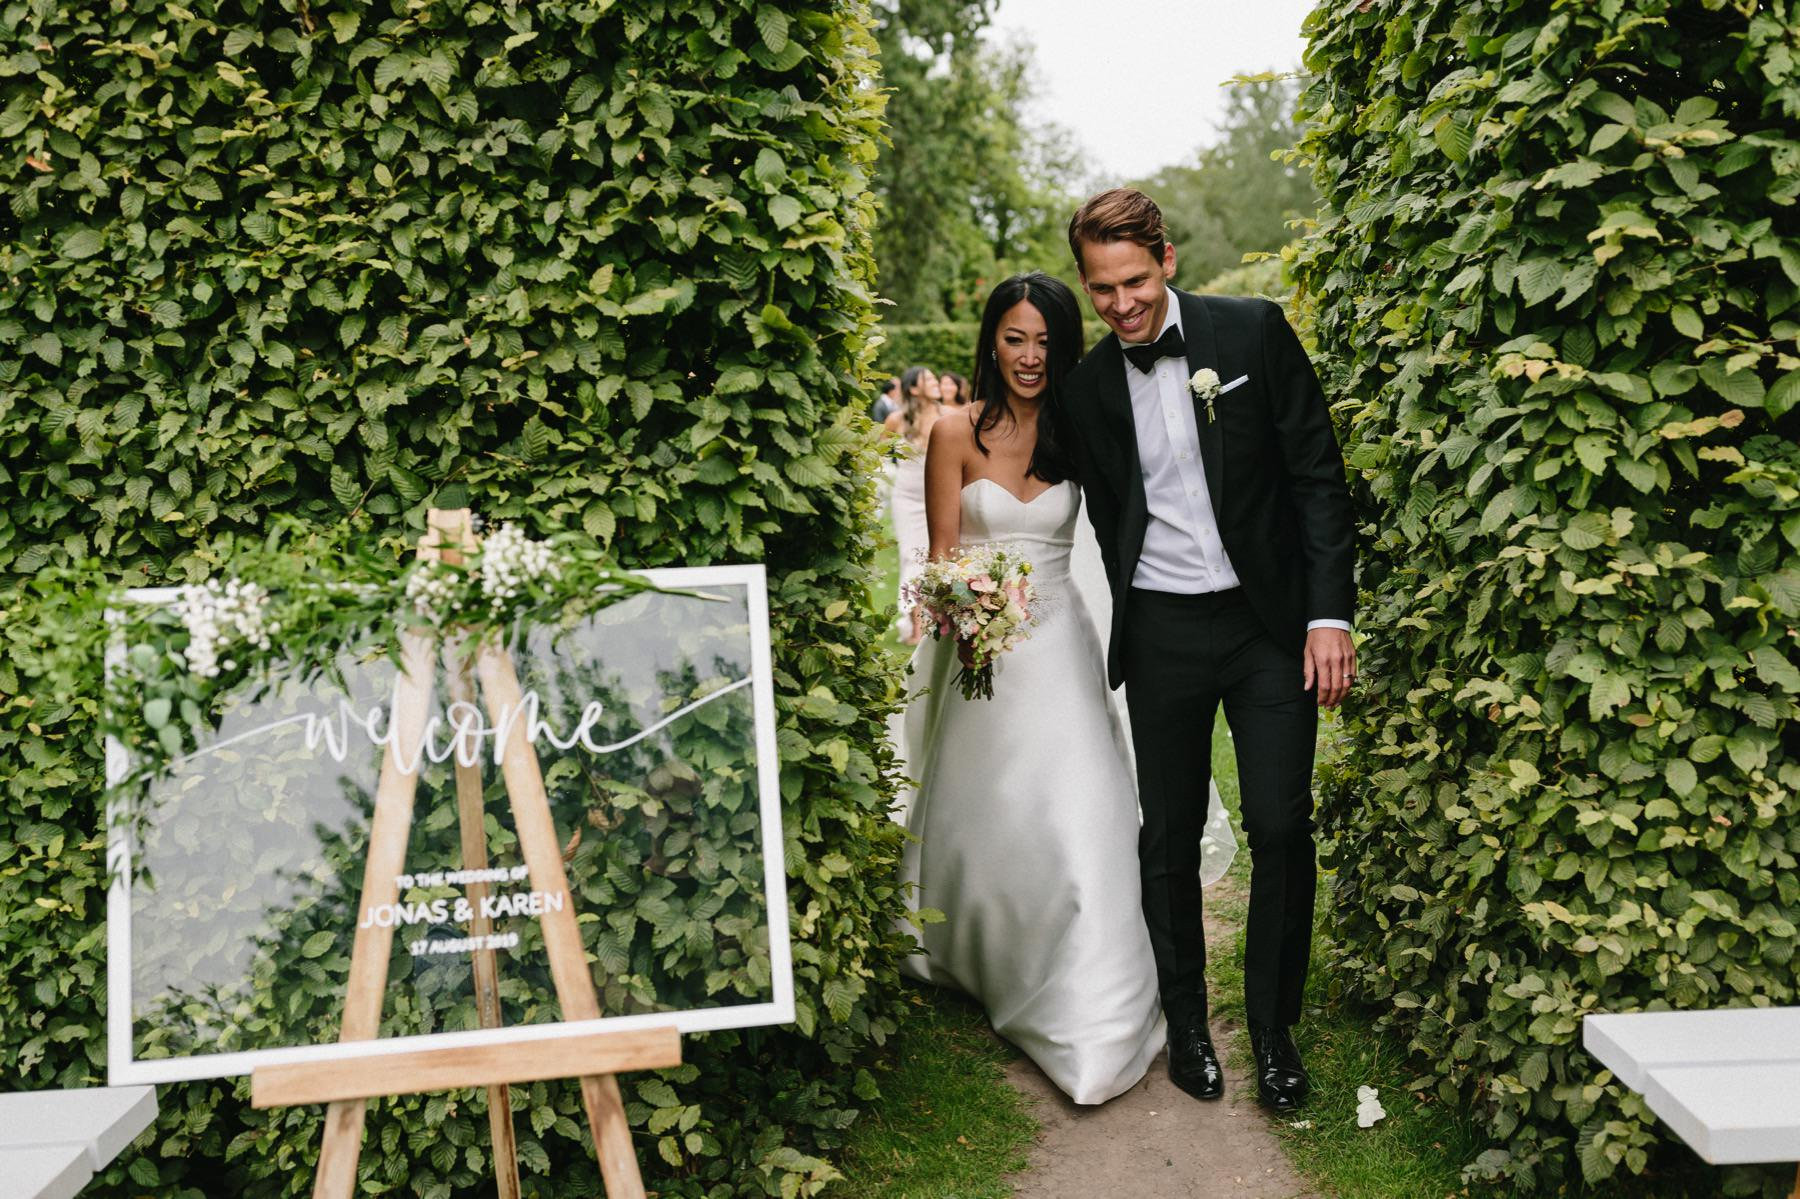 Rosendals Trädgård wedding in the secret garden